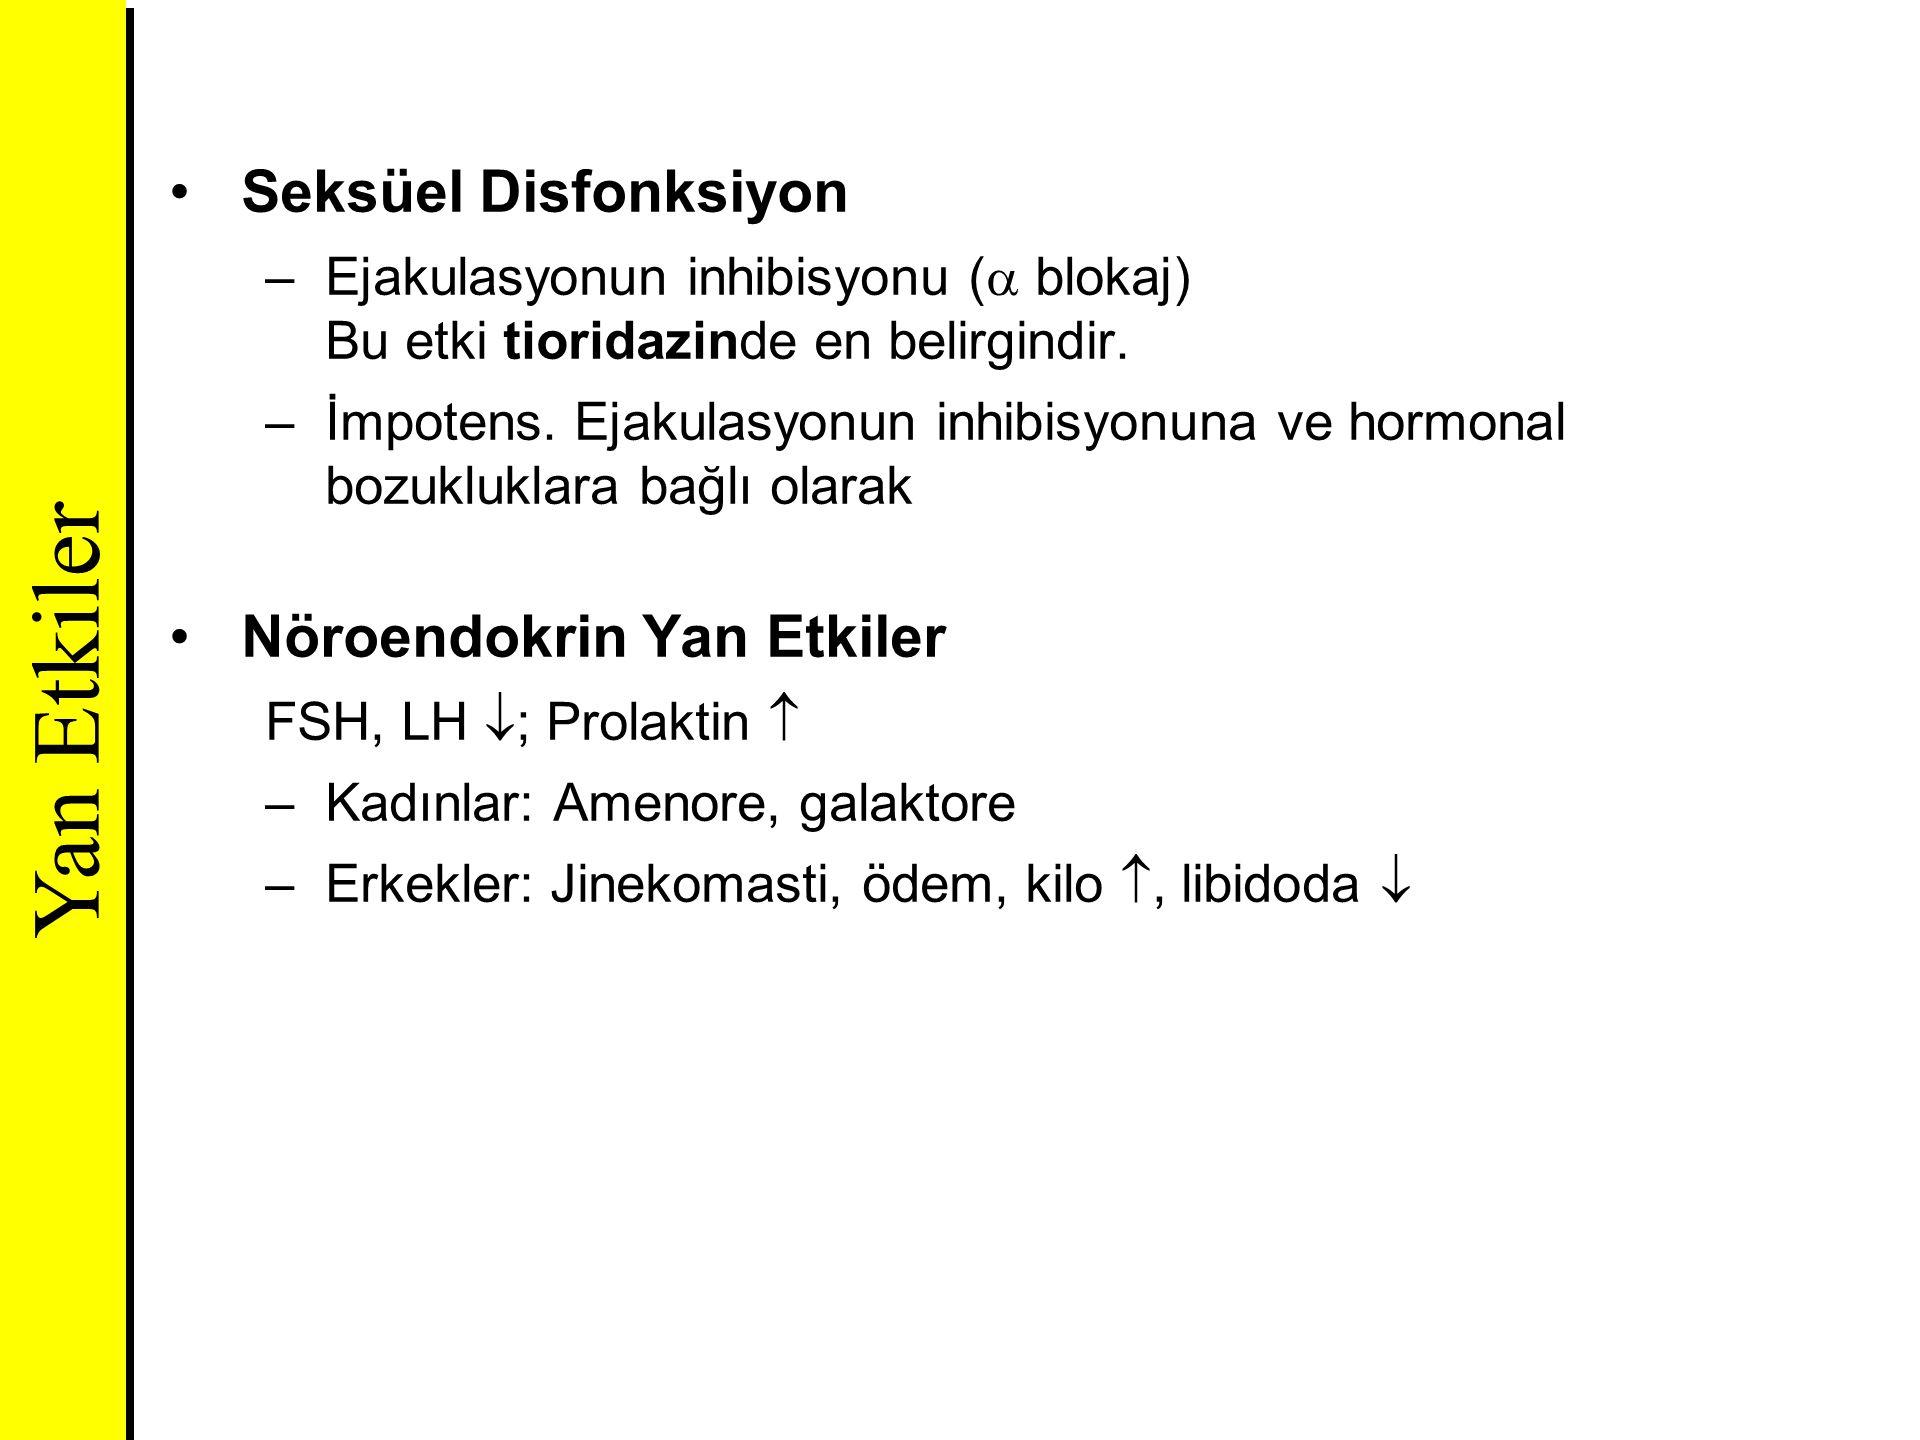 Seksüel Disfonksiyon –Ejakulasyonun inhibisyonu (  blokaj) Bu etki tioridazinde en belirgindir. –İmpotens. Ejakulasyonun inhibisyonuna ve hormonal bo